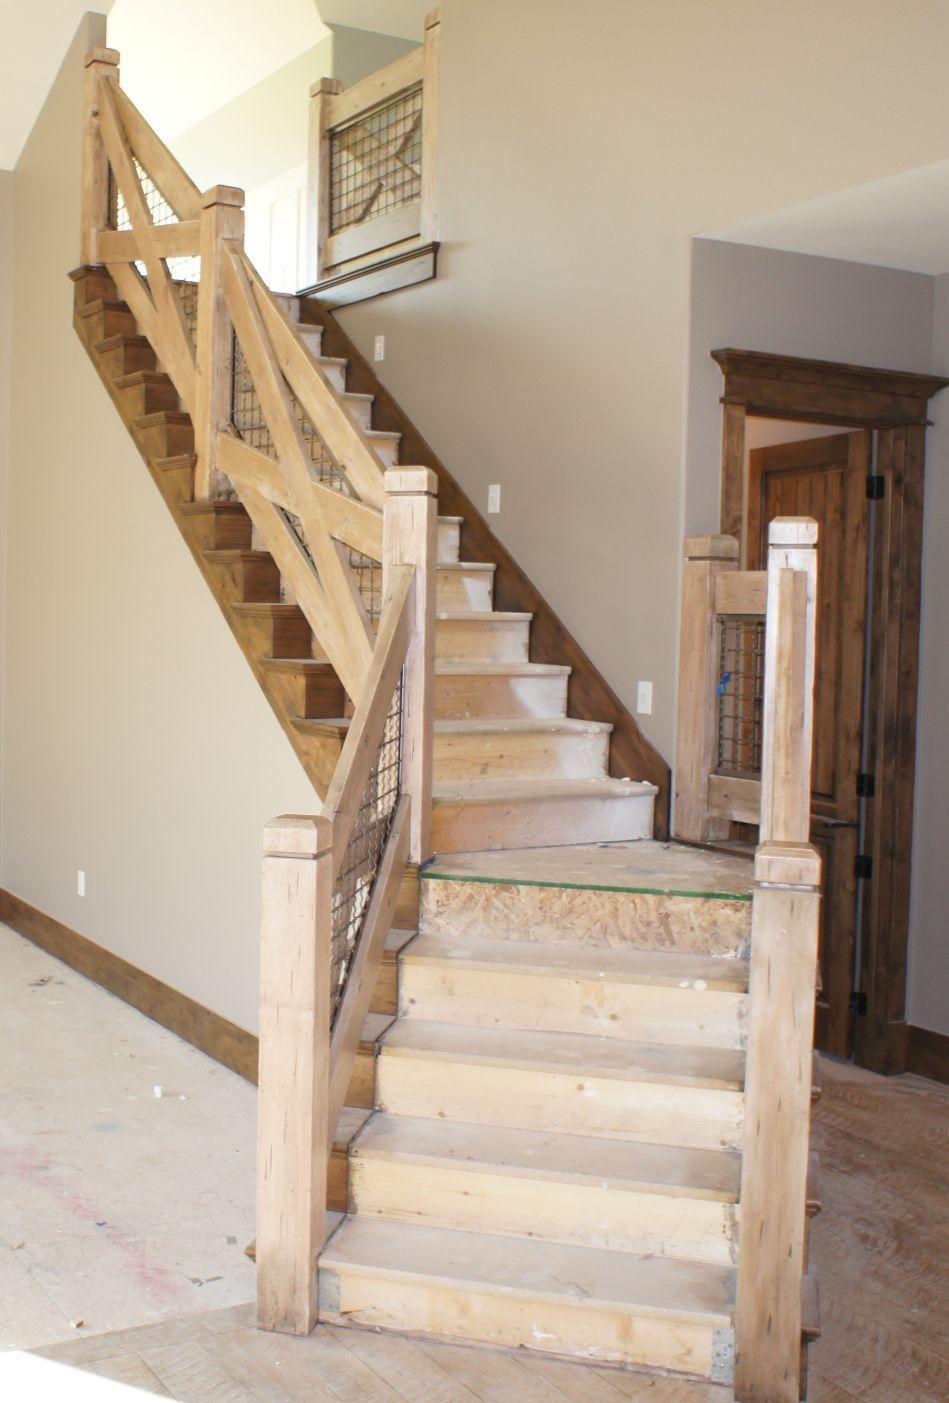 Stair Railing In Draper Utah